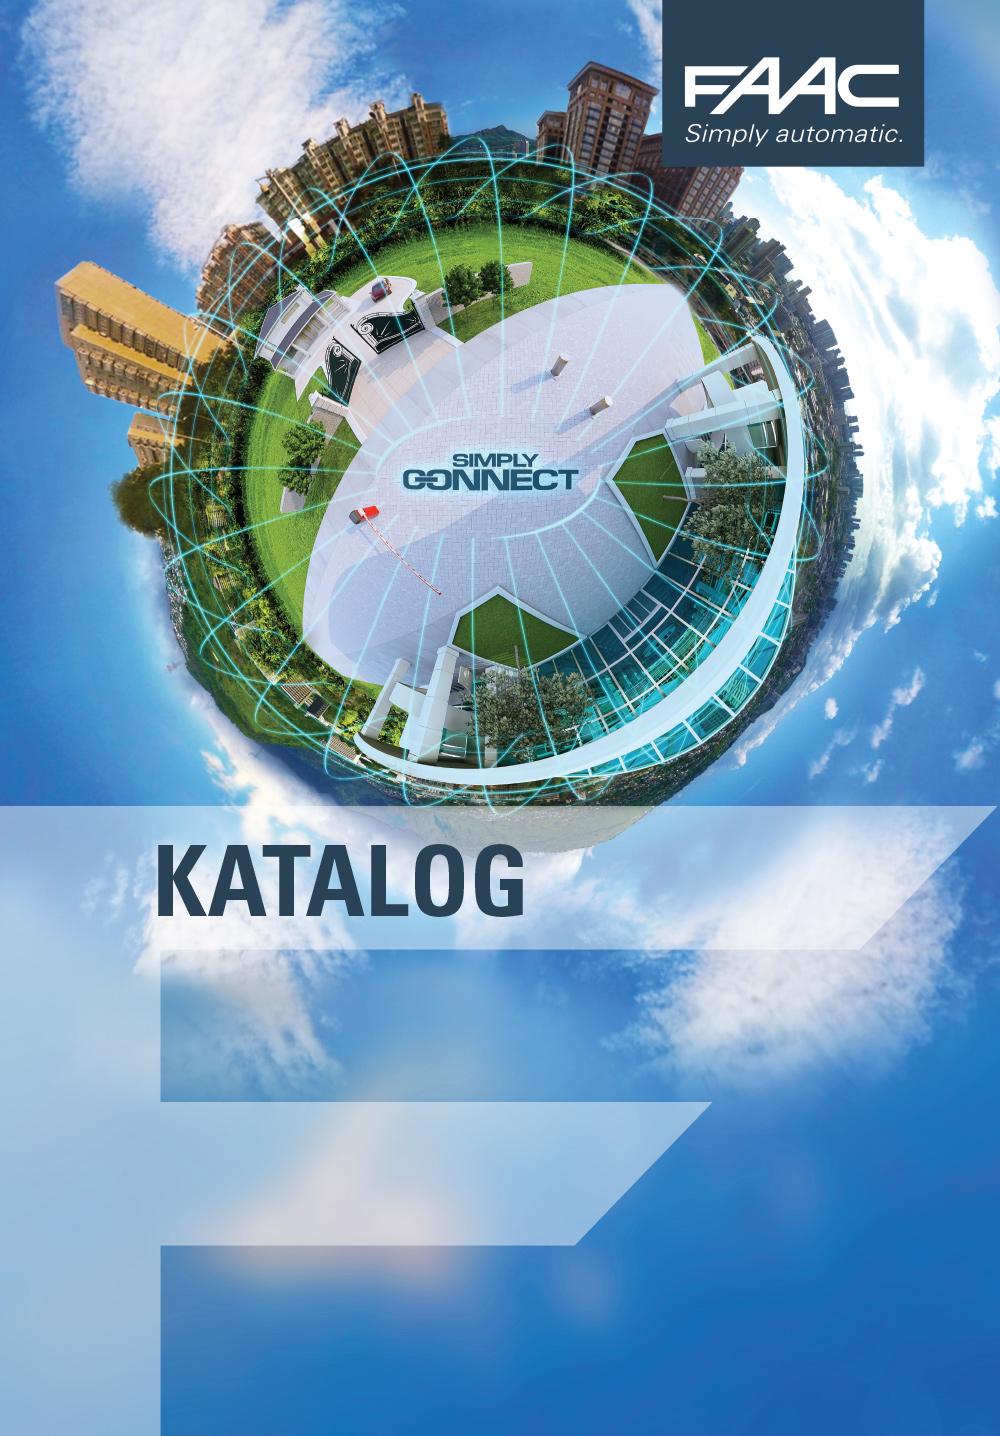 Katalog FAAC 2020